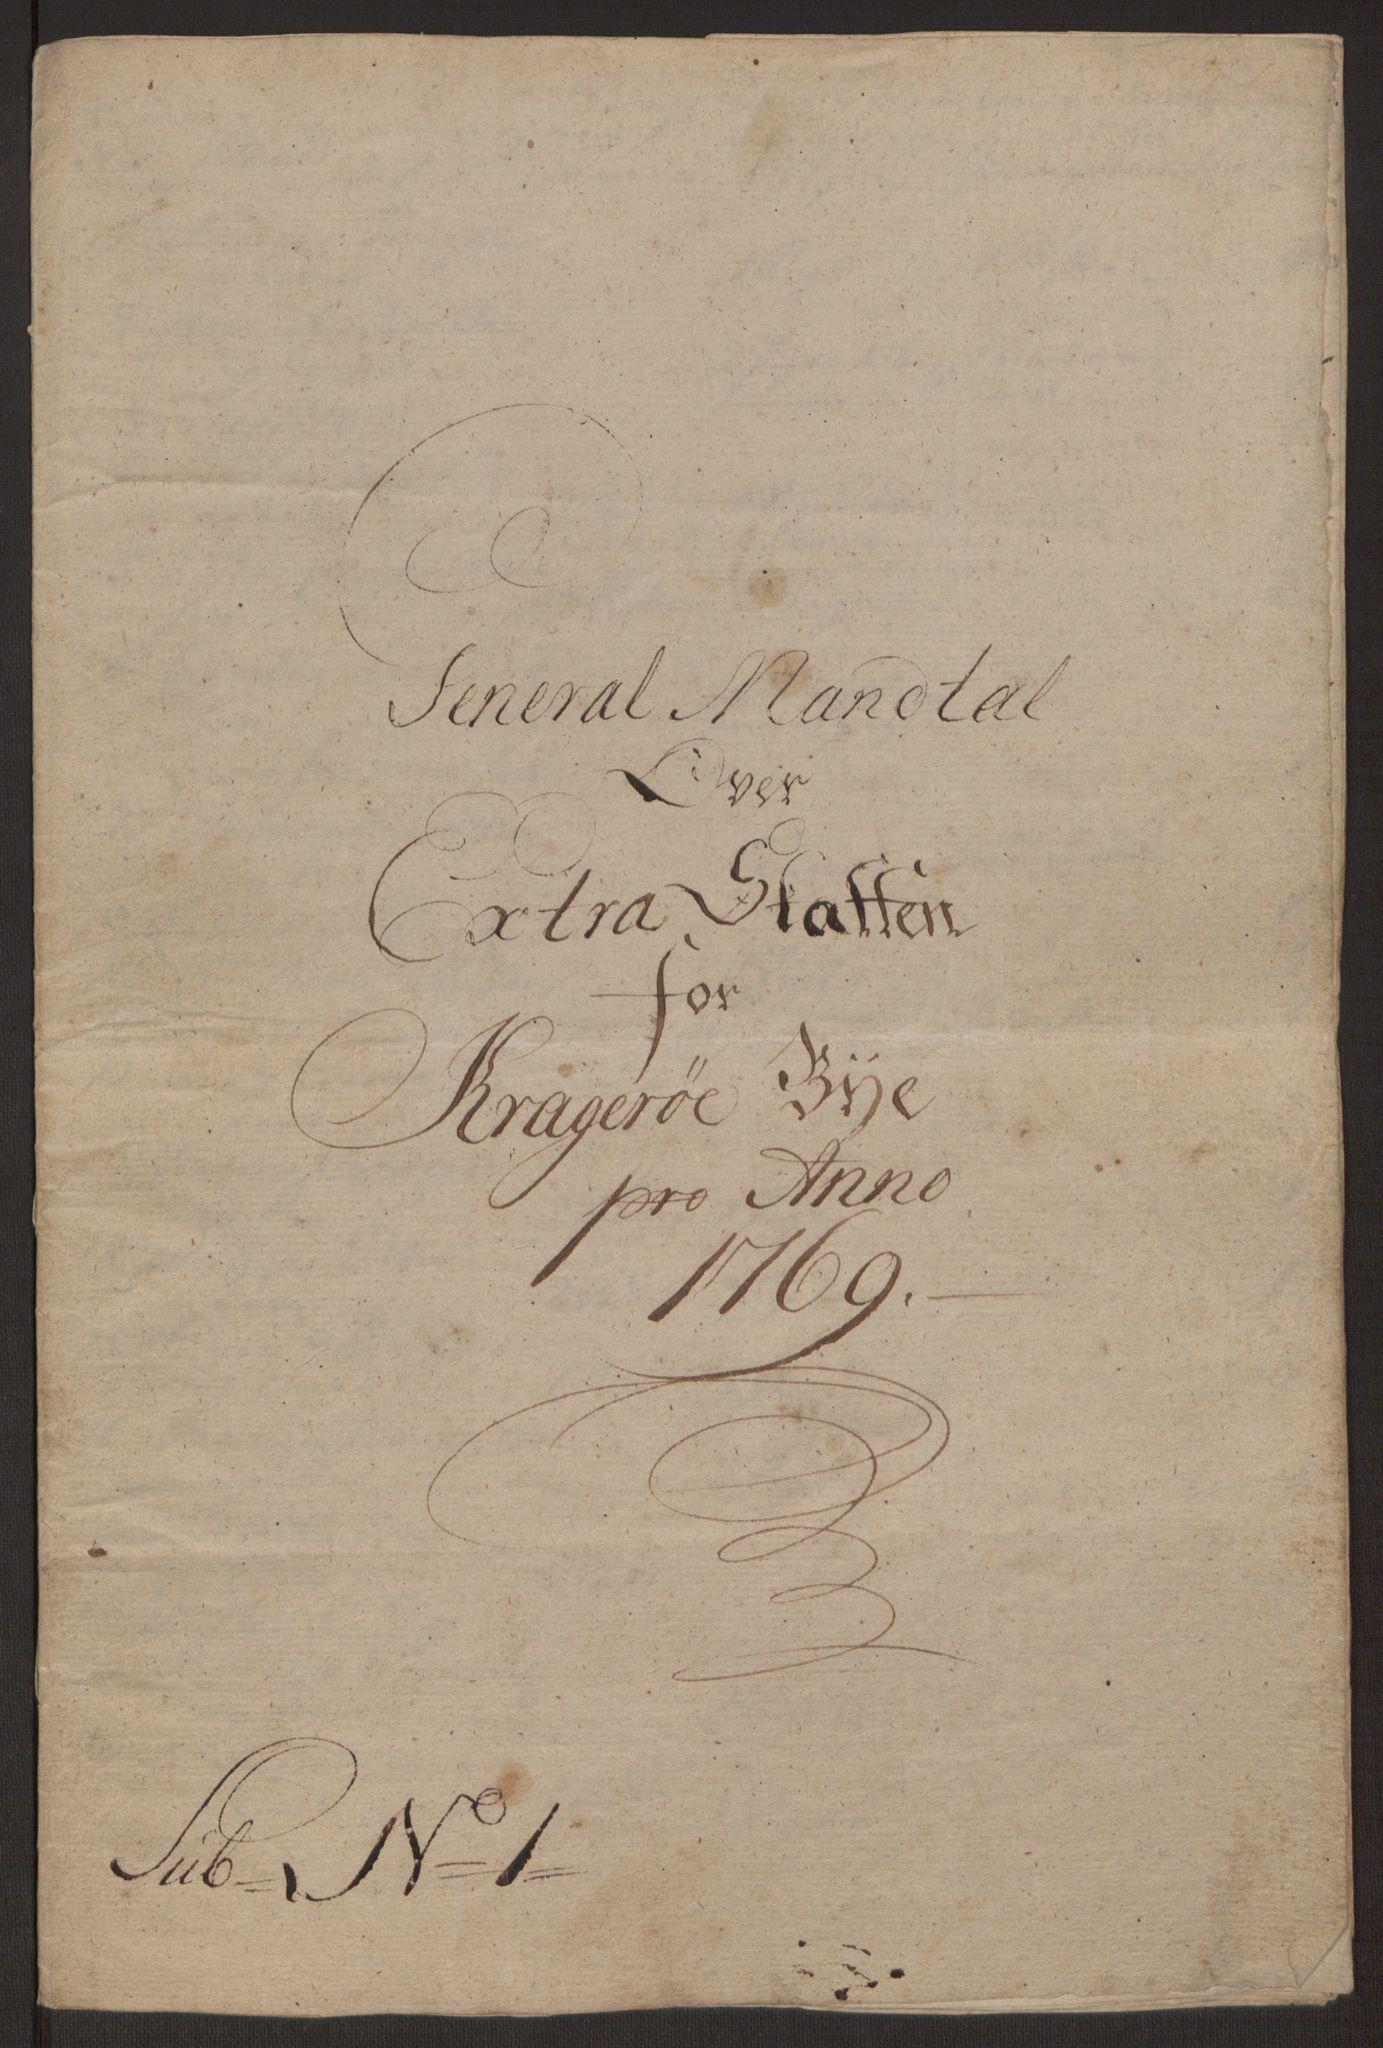 RA, Rentekammeret inntil 1814, Reviderte regnskaper, Byregnskaper, R/Rk/L0218: [K2] Kontribusjonsregnskap, 1768-1772, s. 29